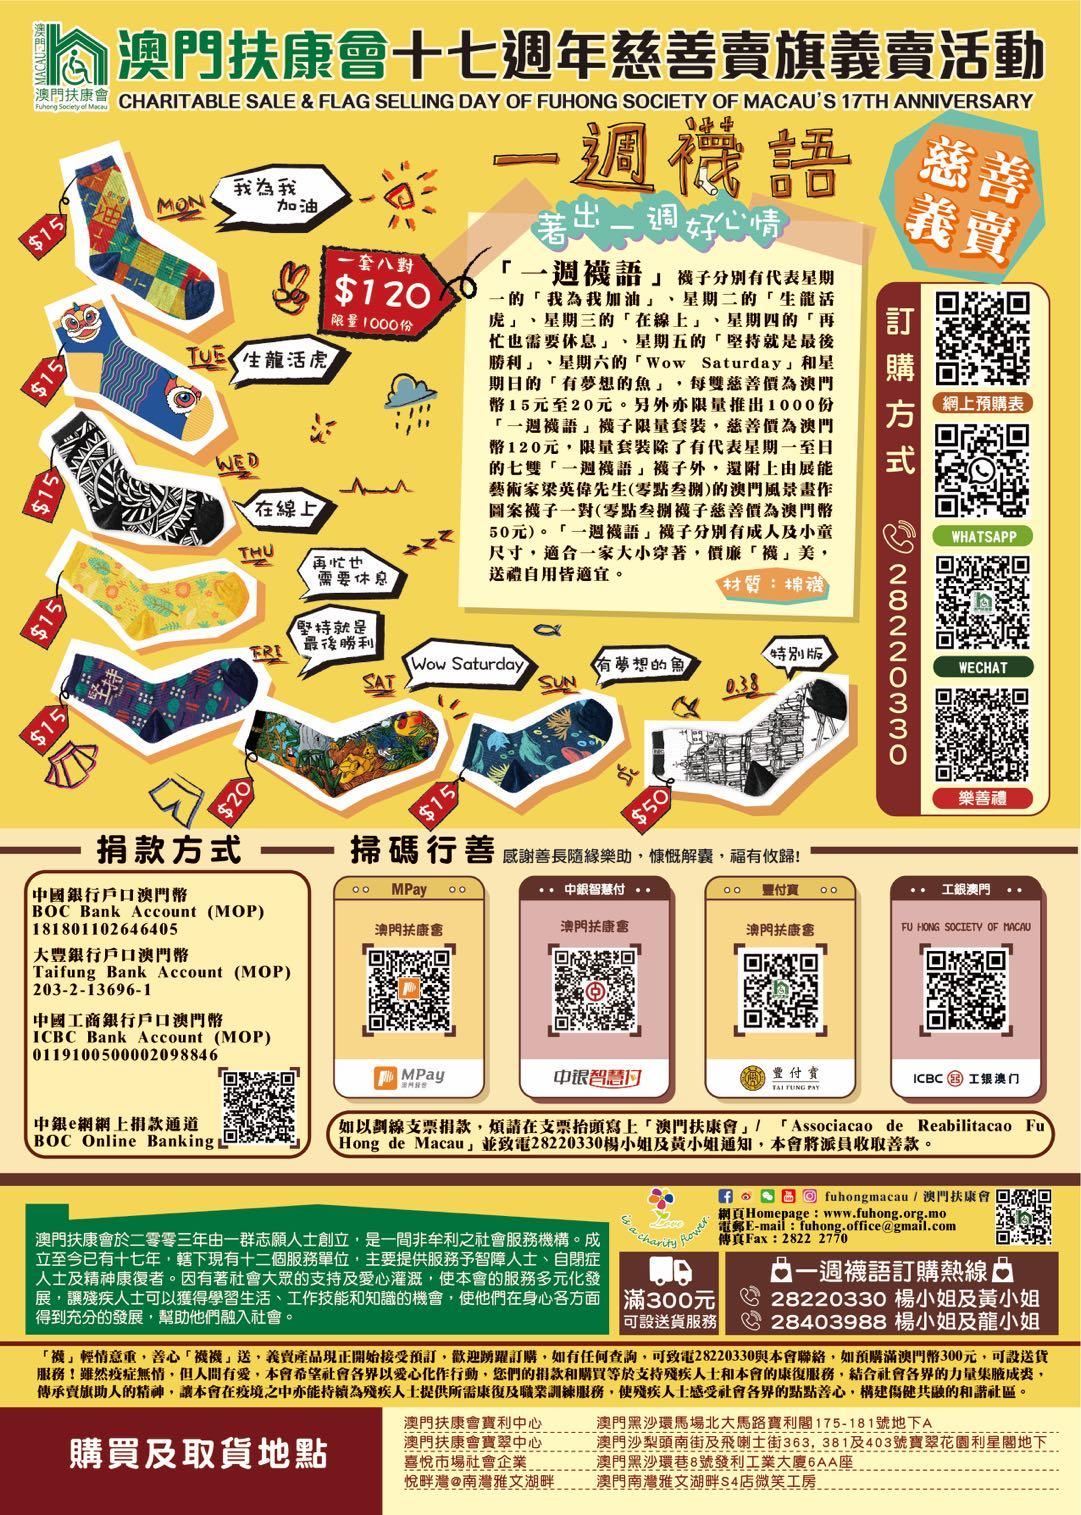 5.義賣物海報2.jpg